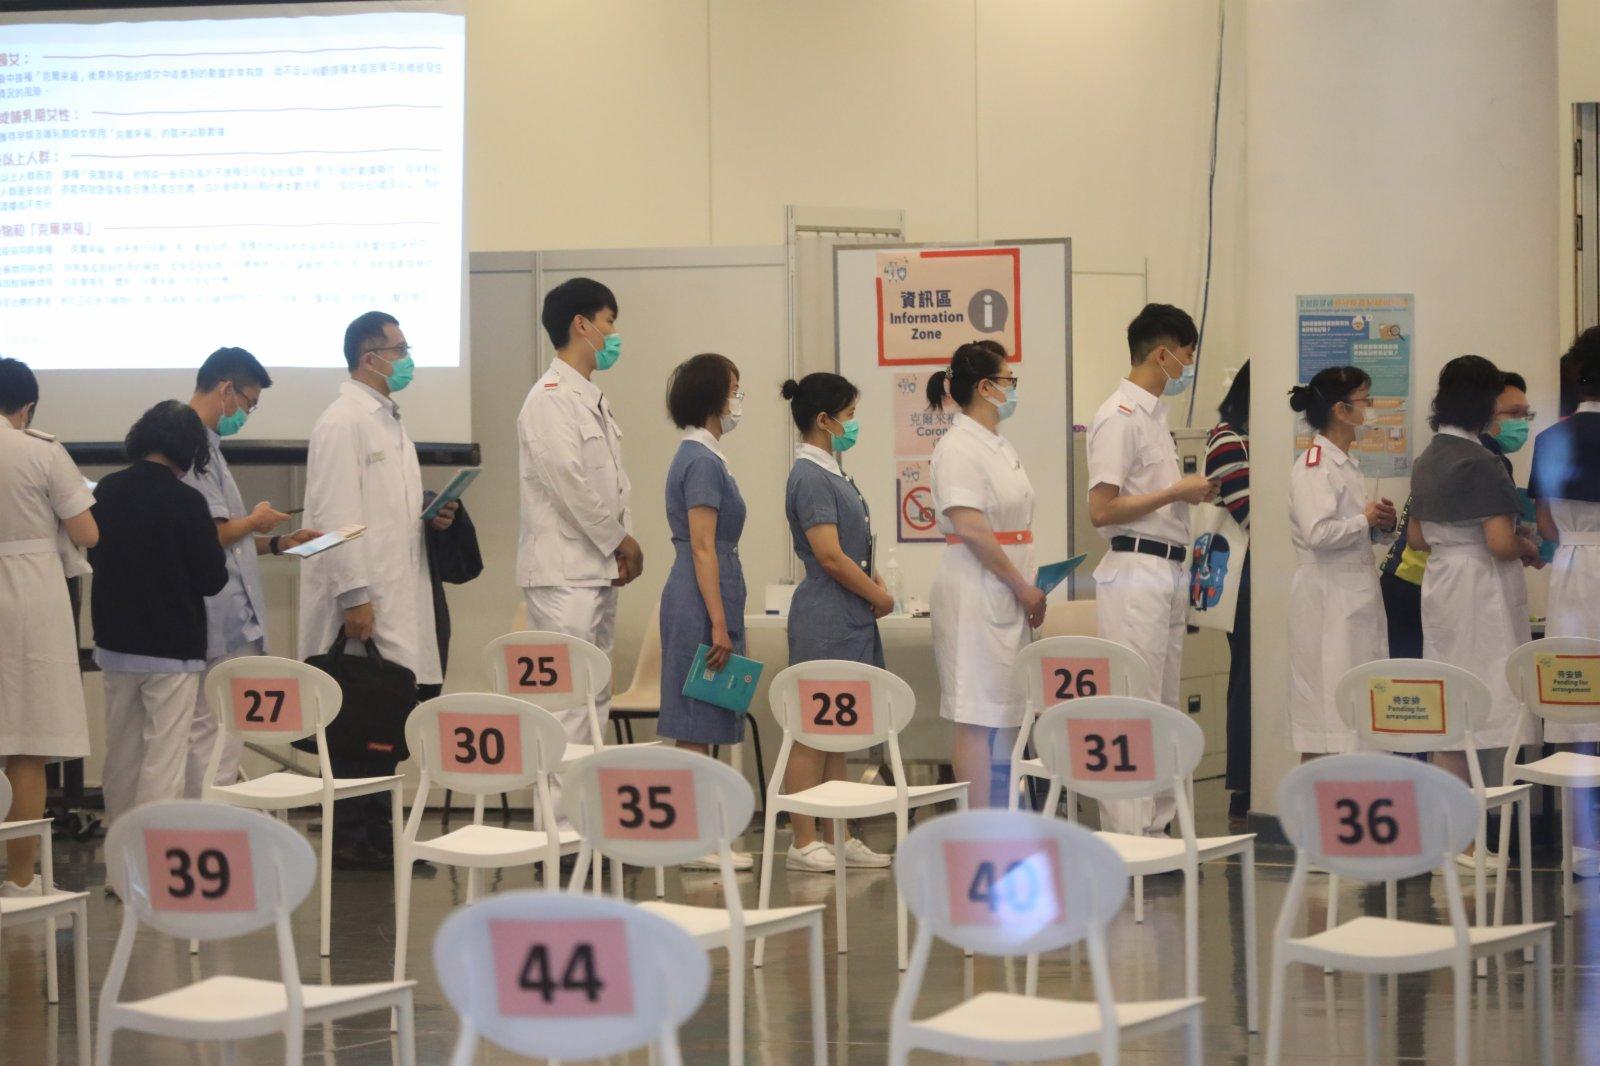 約二百名屬優先接種組別的人士今日(23日)上午十一時至下午一時及下午三時至五時,將率先在設於香港中央圖書館展覽館的社區疫苗接種中心接種新冠疫苗,以呼籲其他優先接種組別人士及早接種疫苗。  這些人士包括醫護人員、安老院舍員工、維持必要公共服務人員、跨境運輸工作人員等。(大公文匯全媒體記者攝)